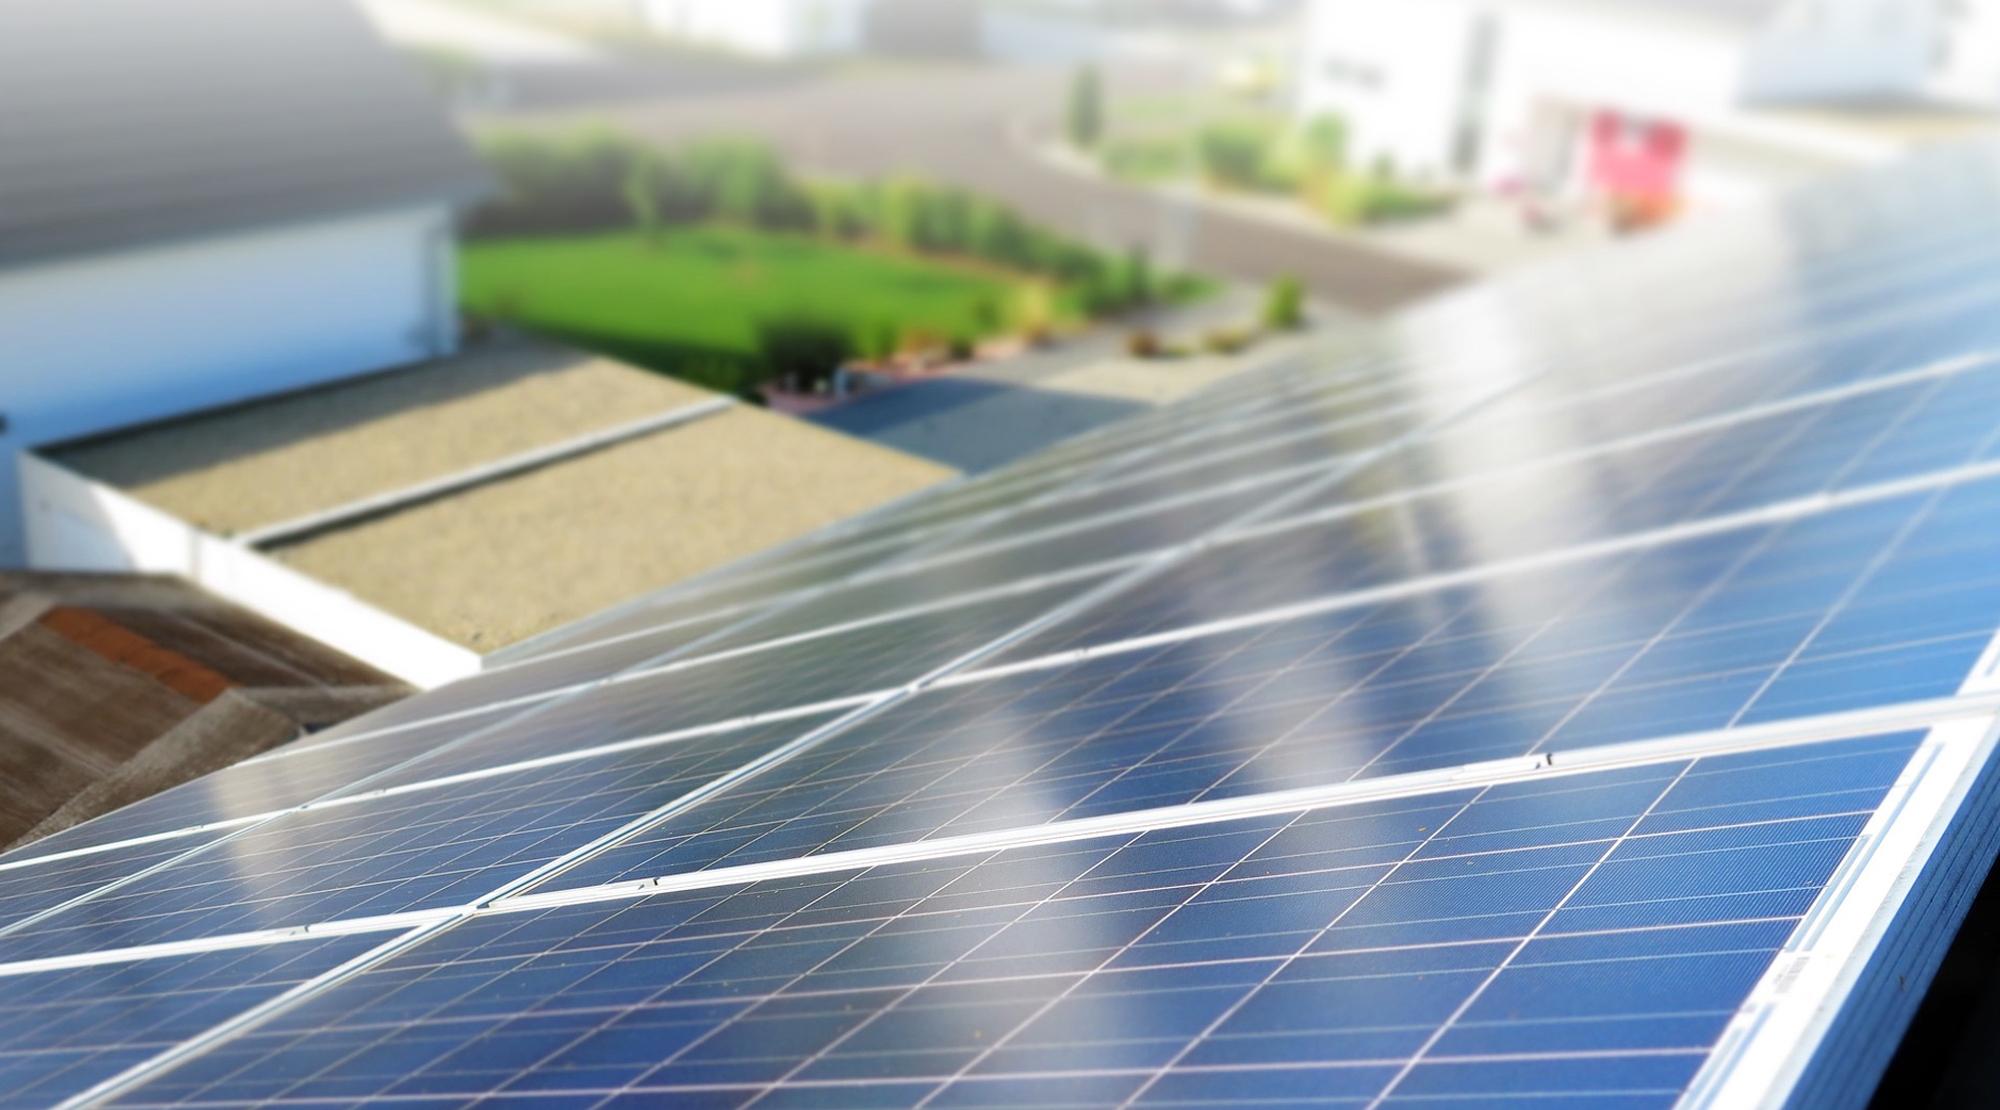 Risparmia e inquina meno con il tuo impianto fotovoltaico